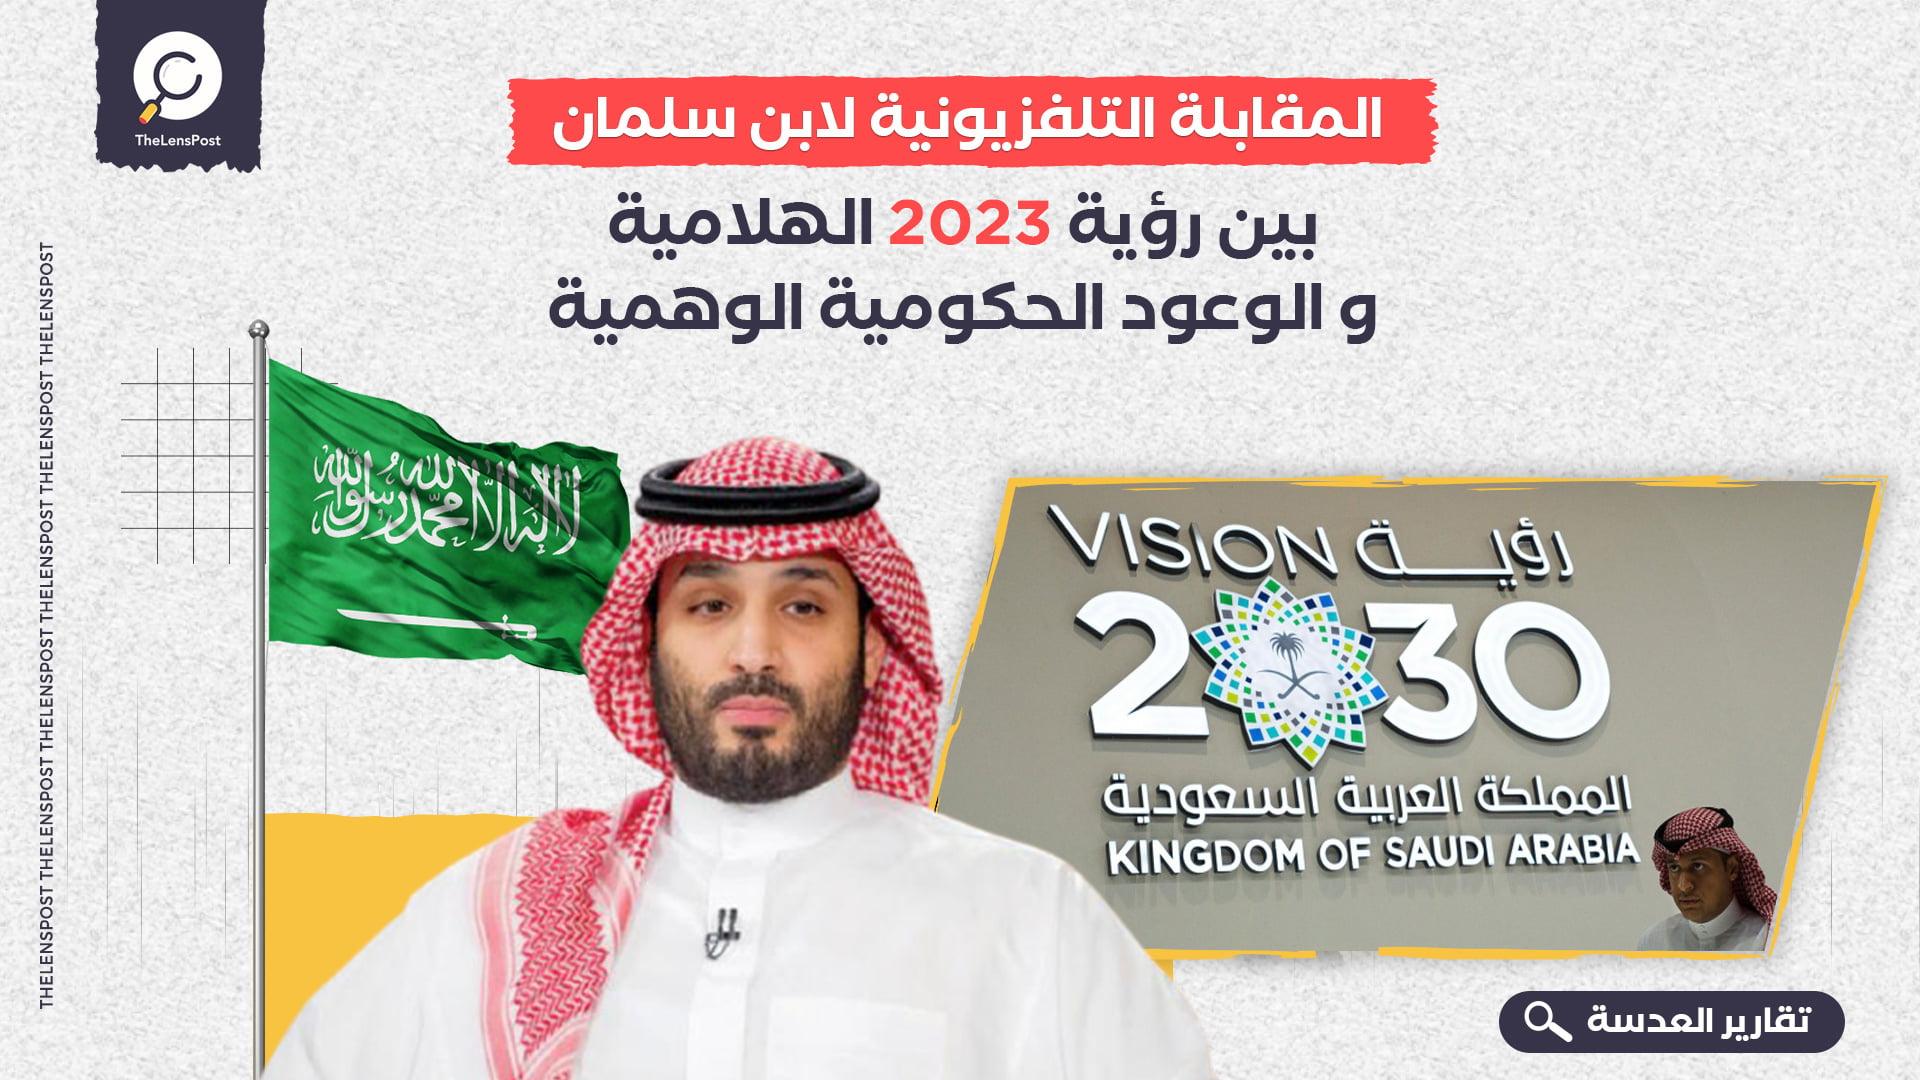 المقابلة التلفزيونية لابن سلمان… بين رؤية ٢٠٢٣ الهلامية و الوعود الحكومية الوهمية